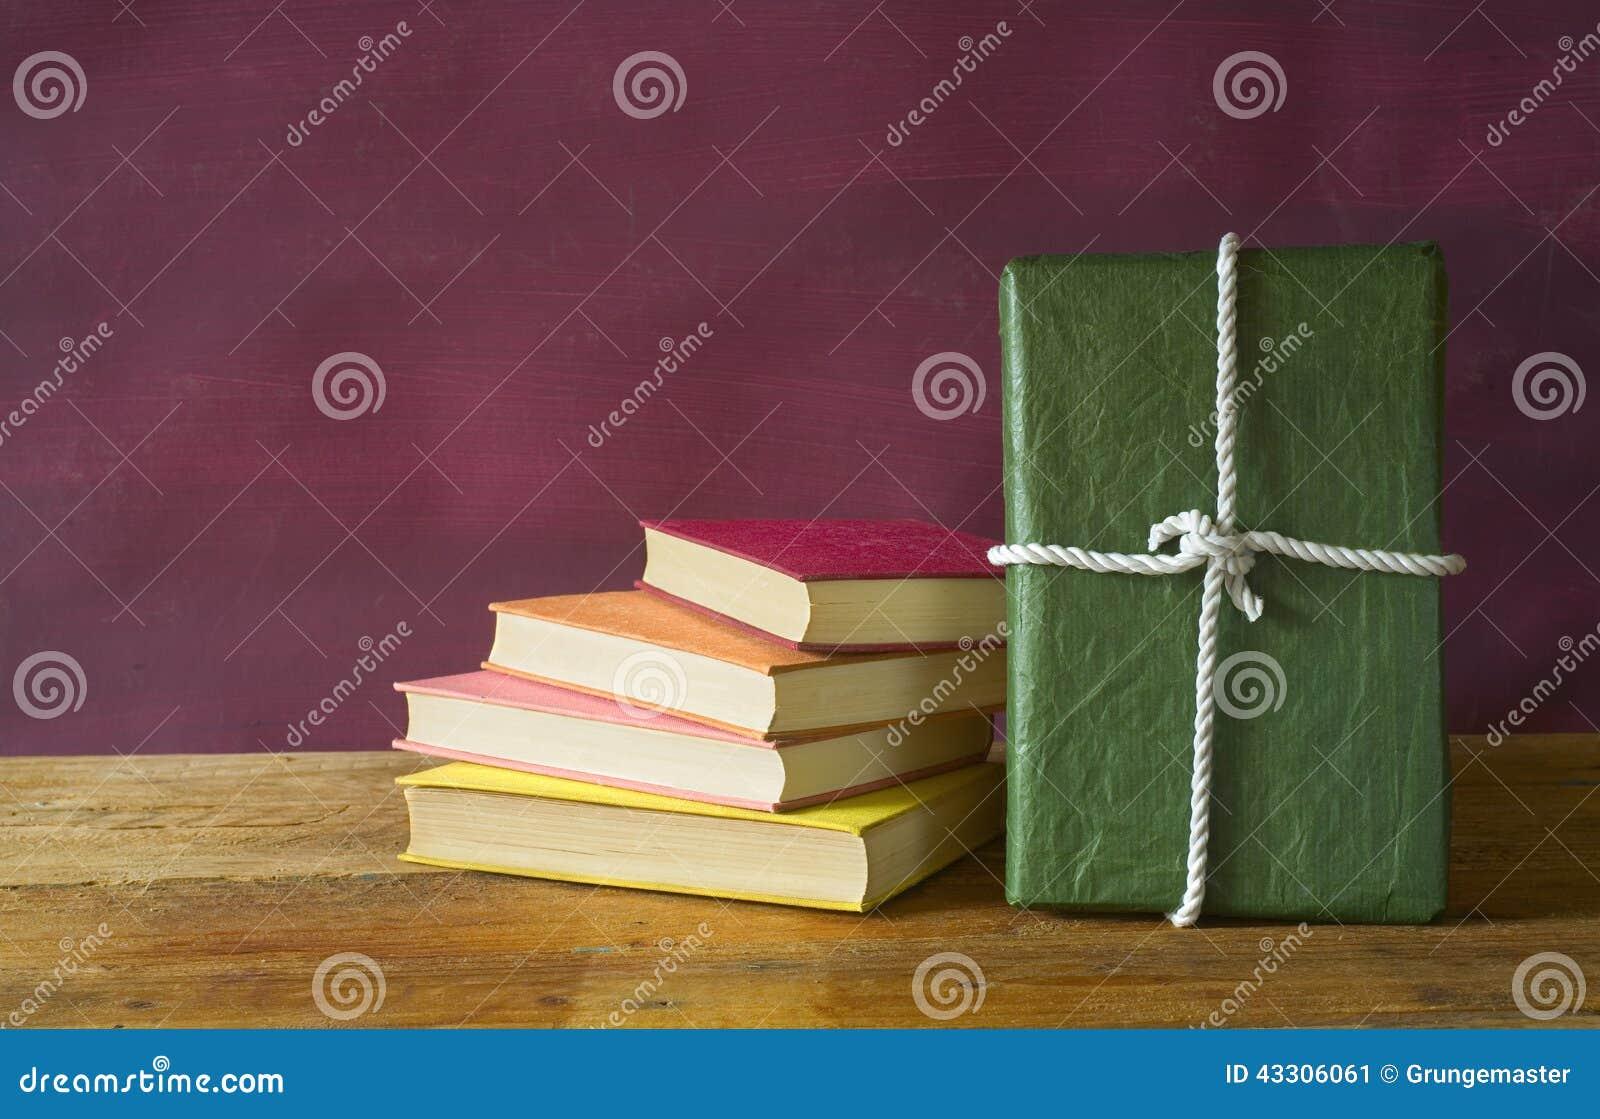 Buch als Geschenk stockbild. Bild von ausbildung, ordnung - 43306061